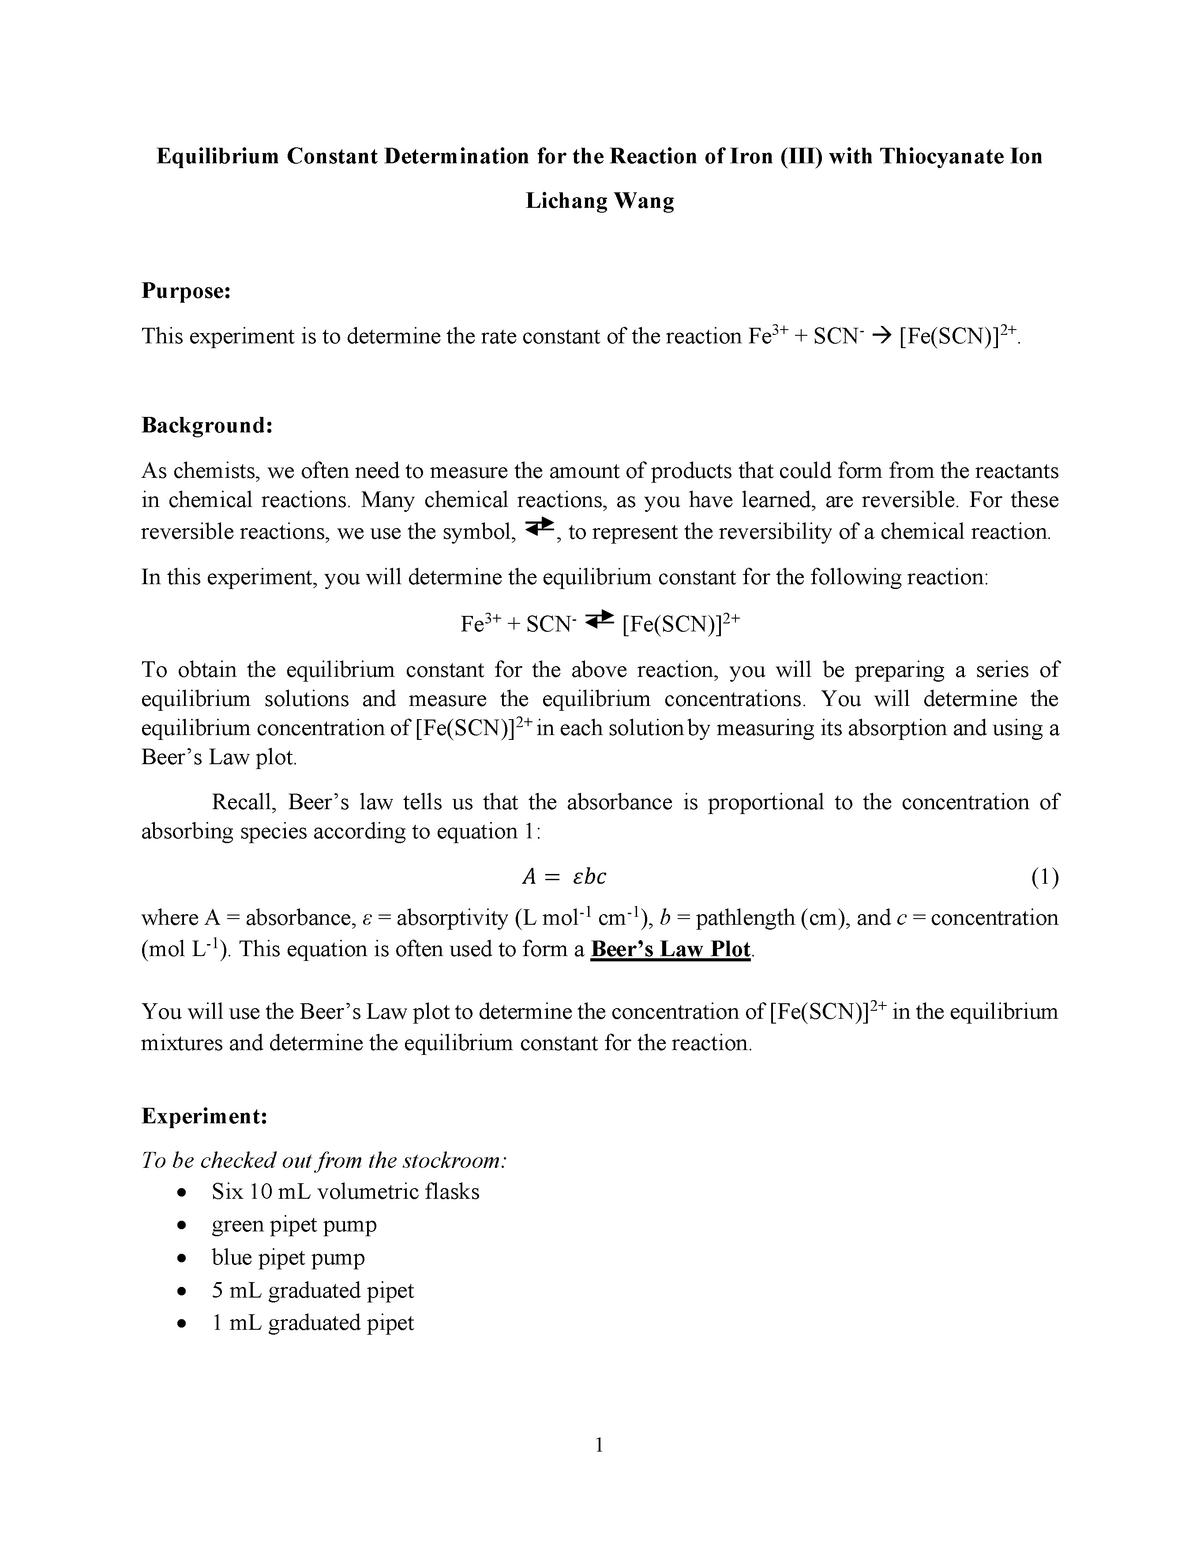 Chem211-Equilibrium Constant - CHEM 211 - SIU - StuDocu